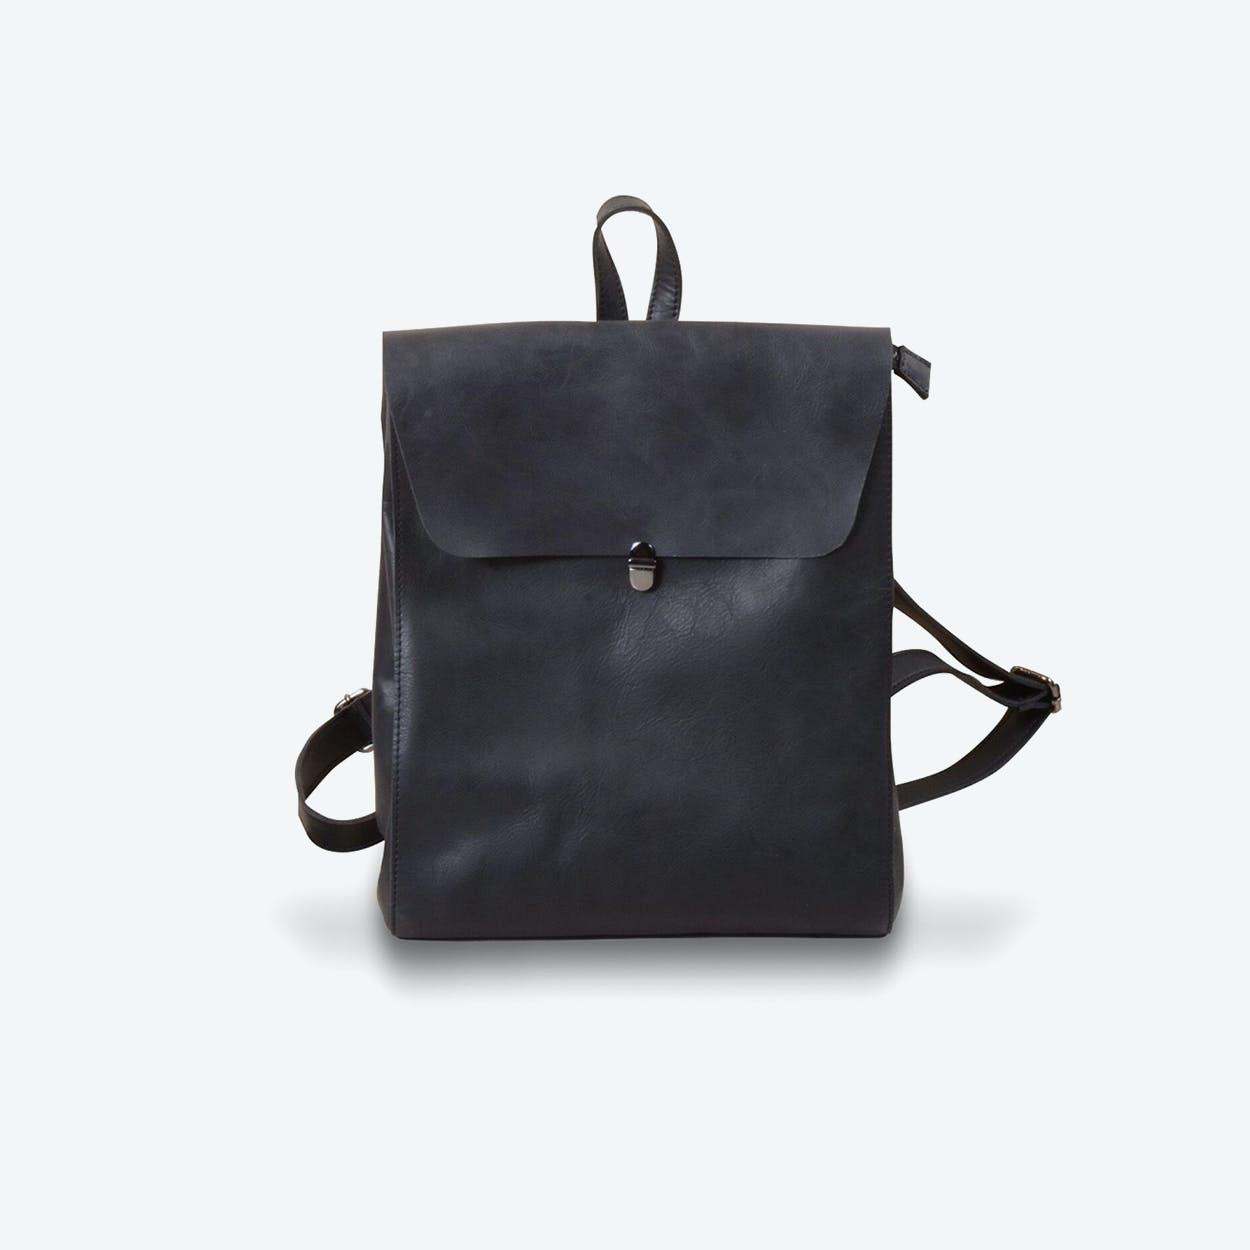 Minimalist Genuine Grain Leather Backpack in Black